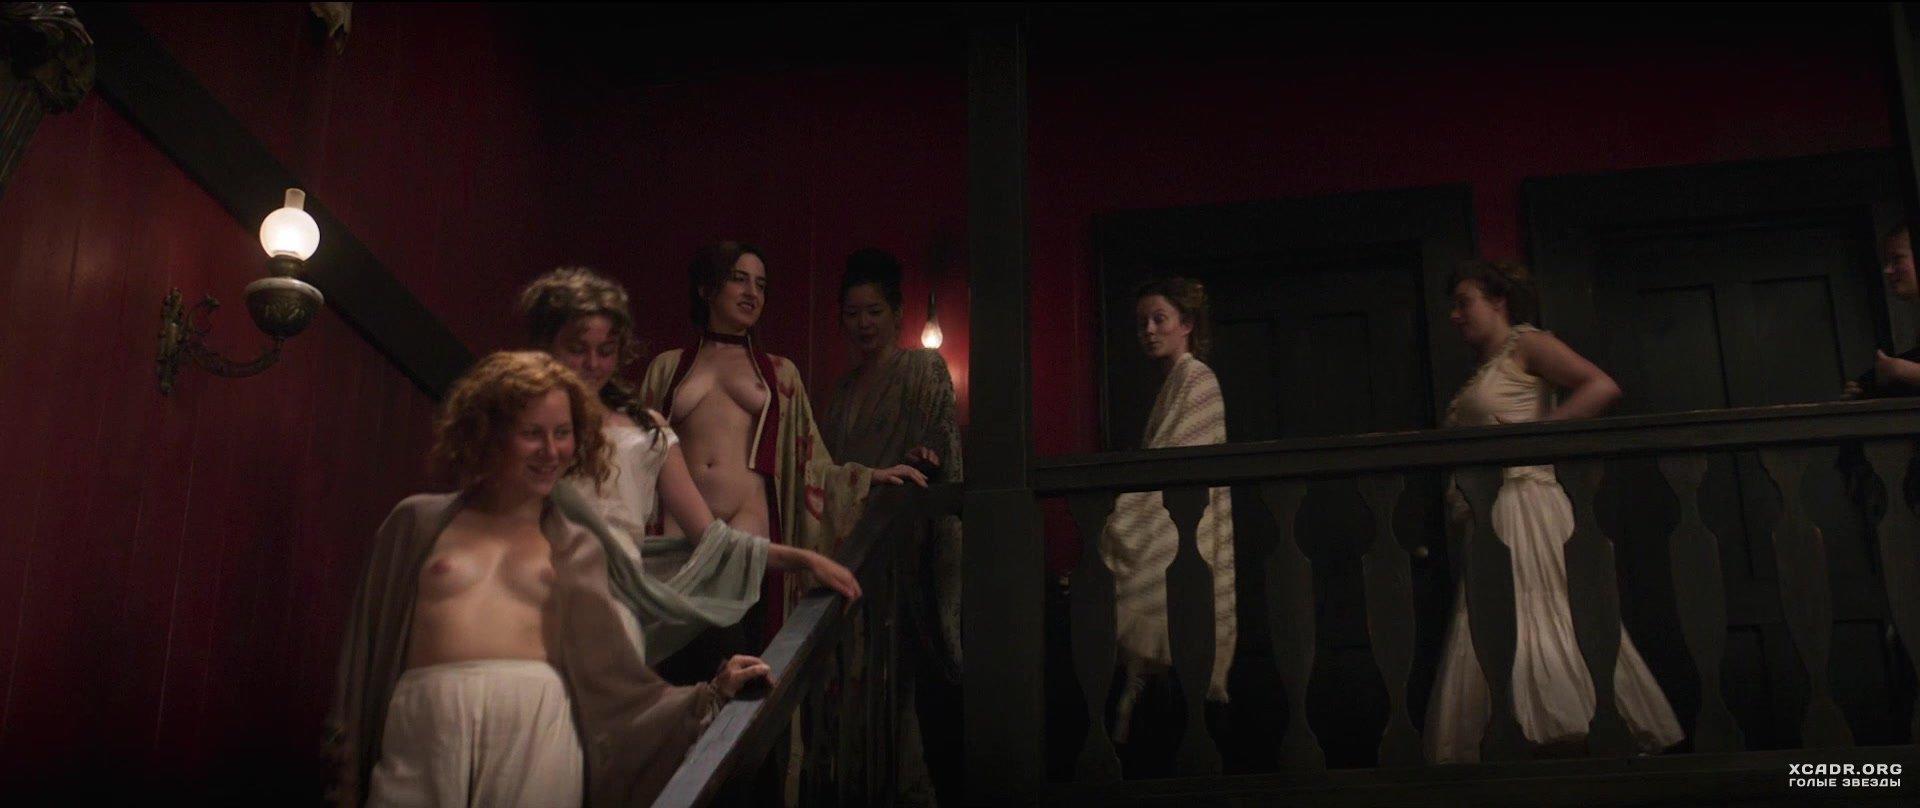 Мужиками фильм с проституткой труляля через веб